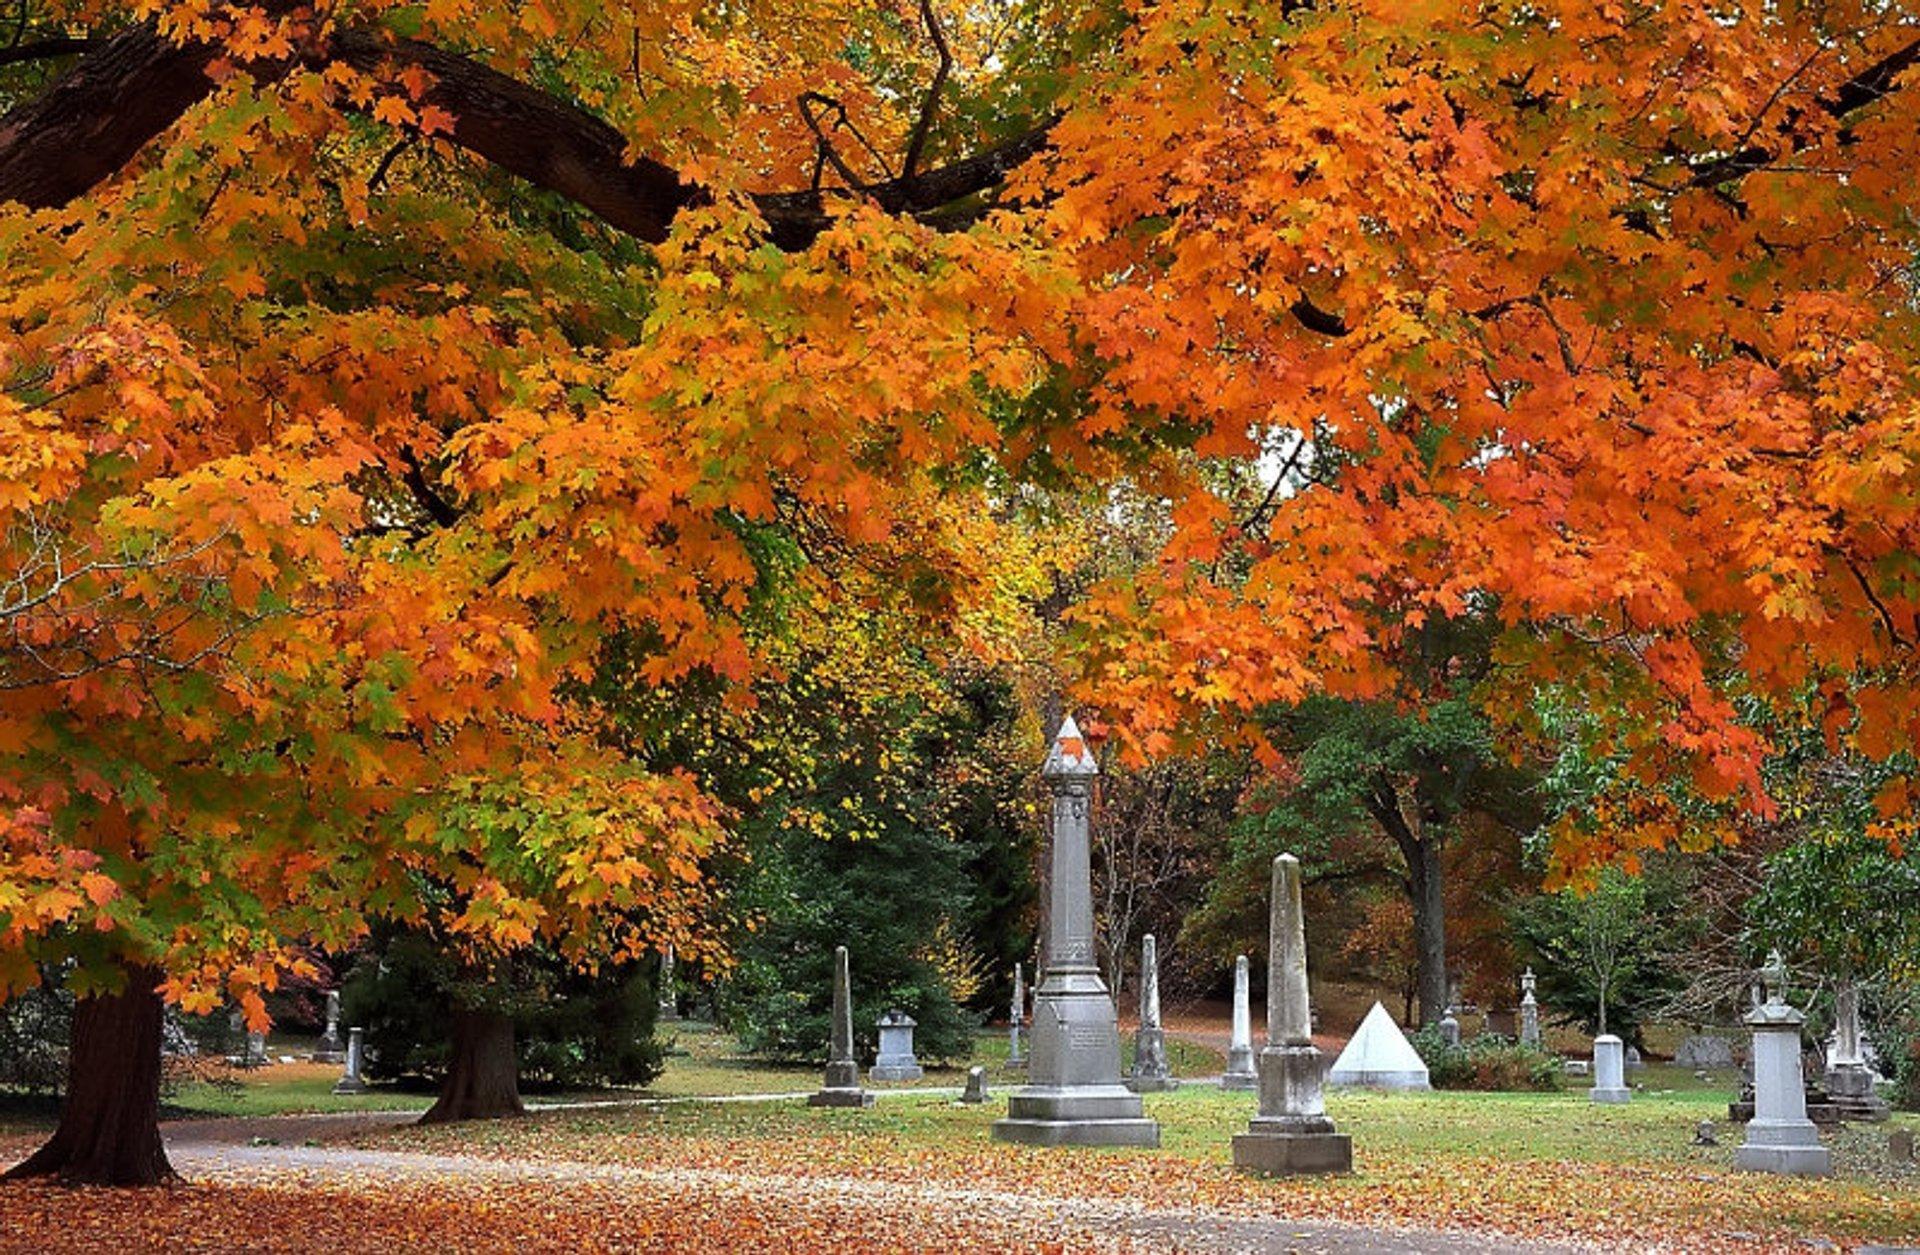 Autumn walk at Spring Grove Cemetery & Arboretum 2020